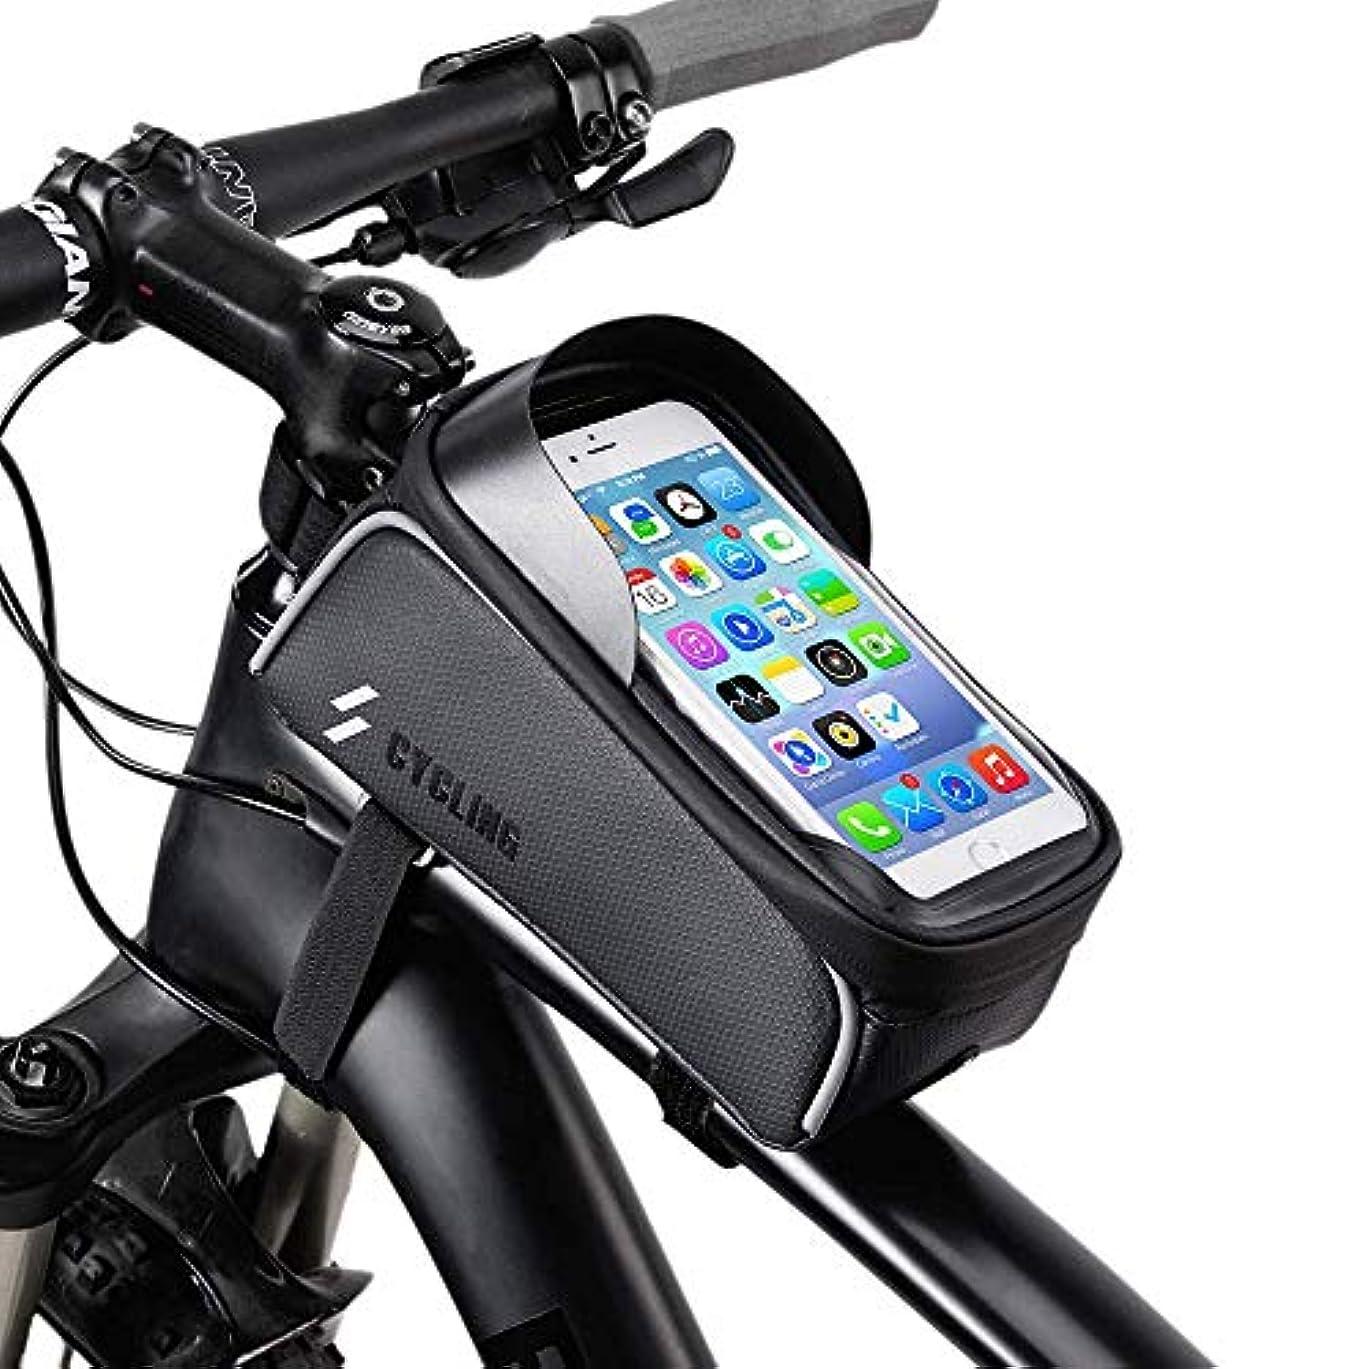 コントローラ限定改修YUWELL 自転車トップチューブバッグ フレームバッグ 収納可能 大容量 防水 サドルバッグ フロントバッグ スマホ収納  多機能 防水 防圧 軽便 取り付け 簡単 遮光板 6.5インチスマホ対応